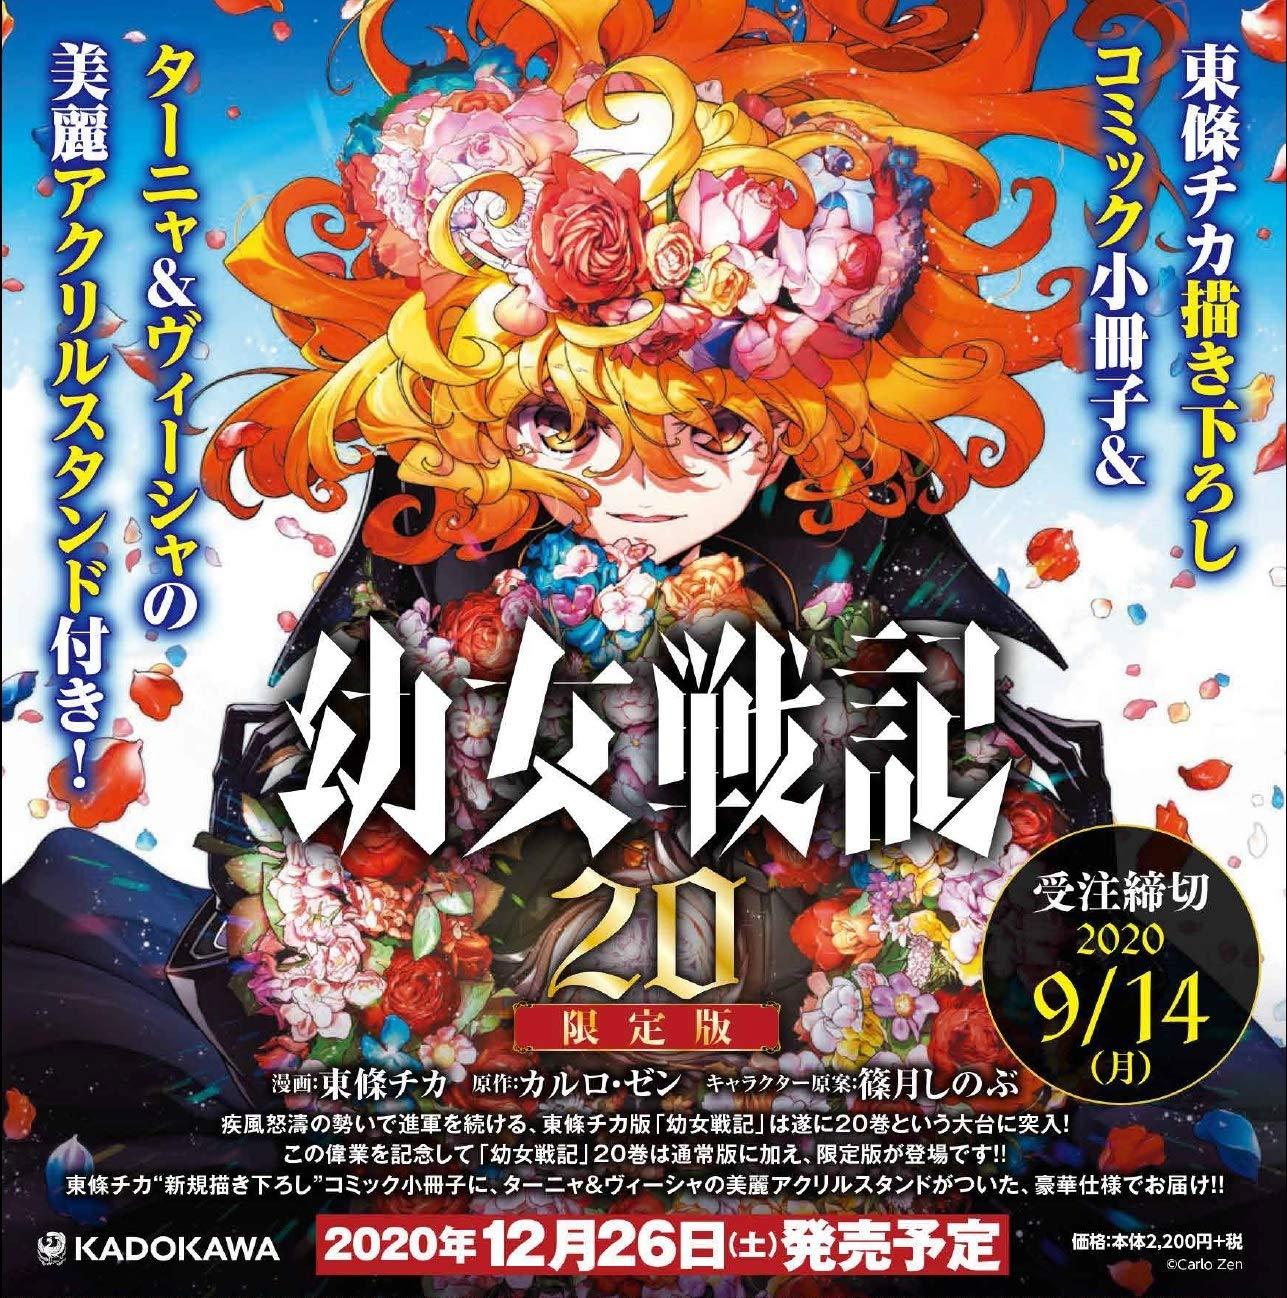 幼女戦記 20 限定版 [Youjo Senki 20: Limited Edition Bundle w/ Acrylic Stand] (The Saga of Tanya the Evil (manga), #20)